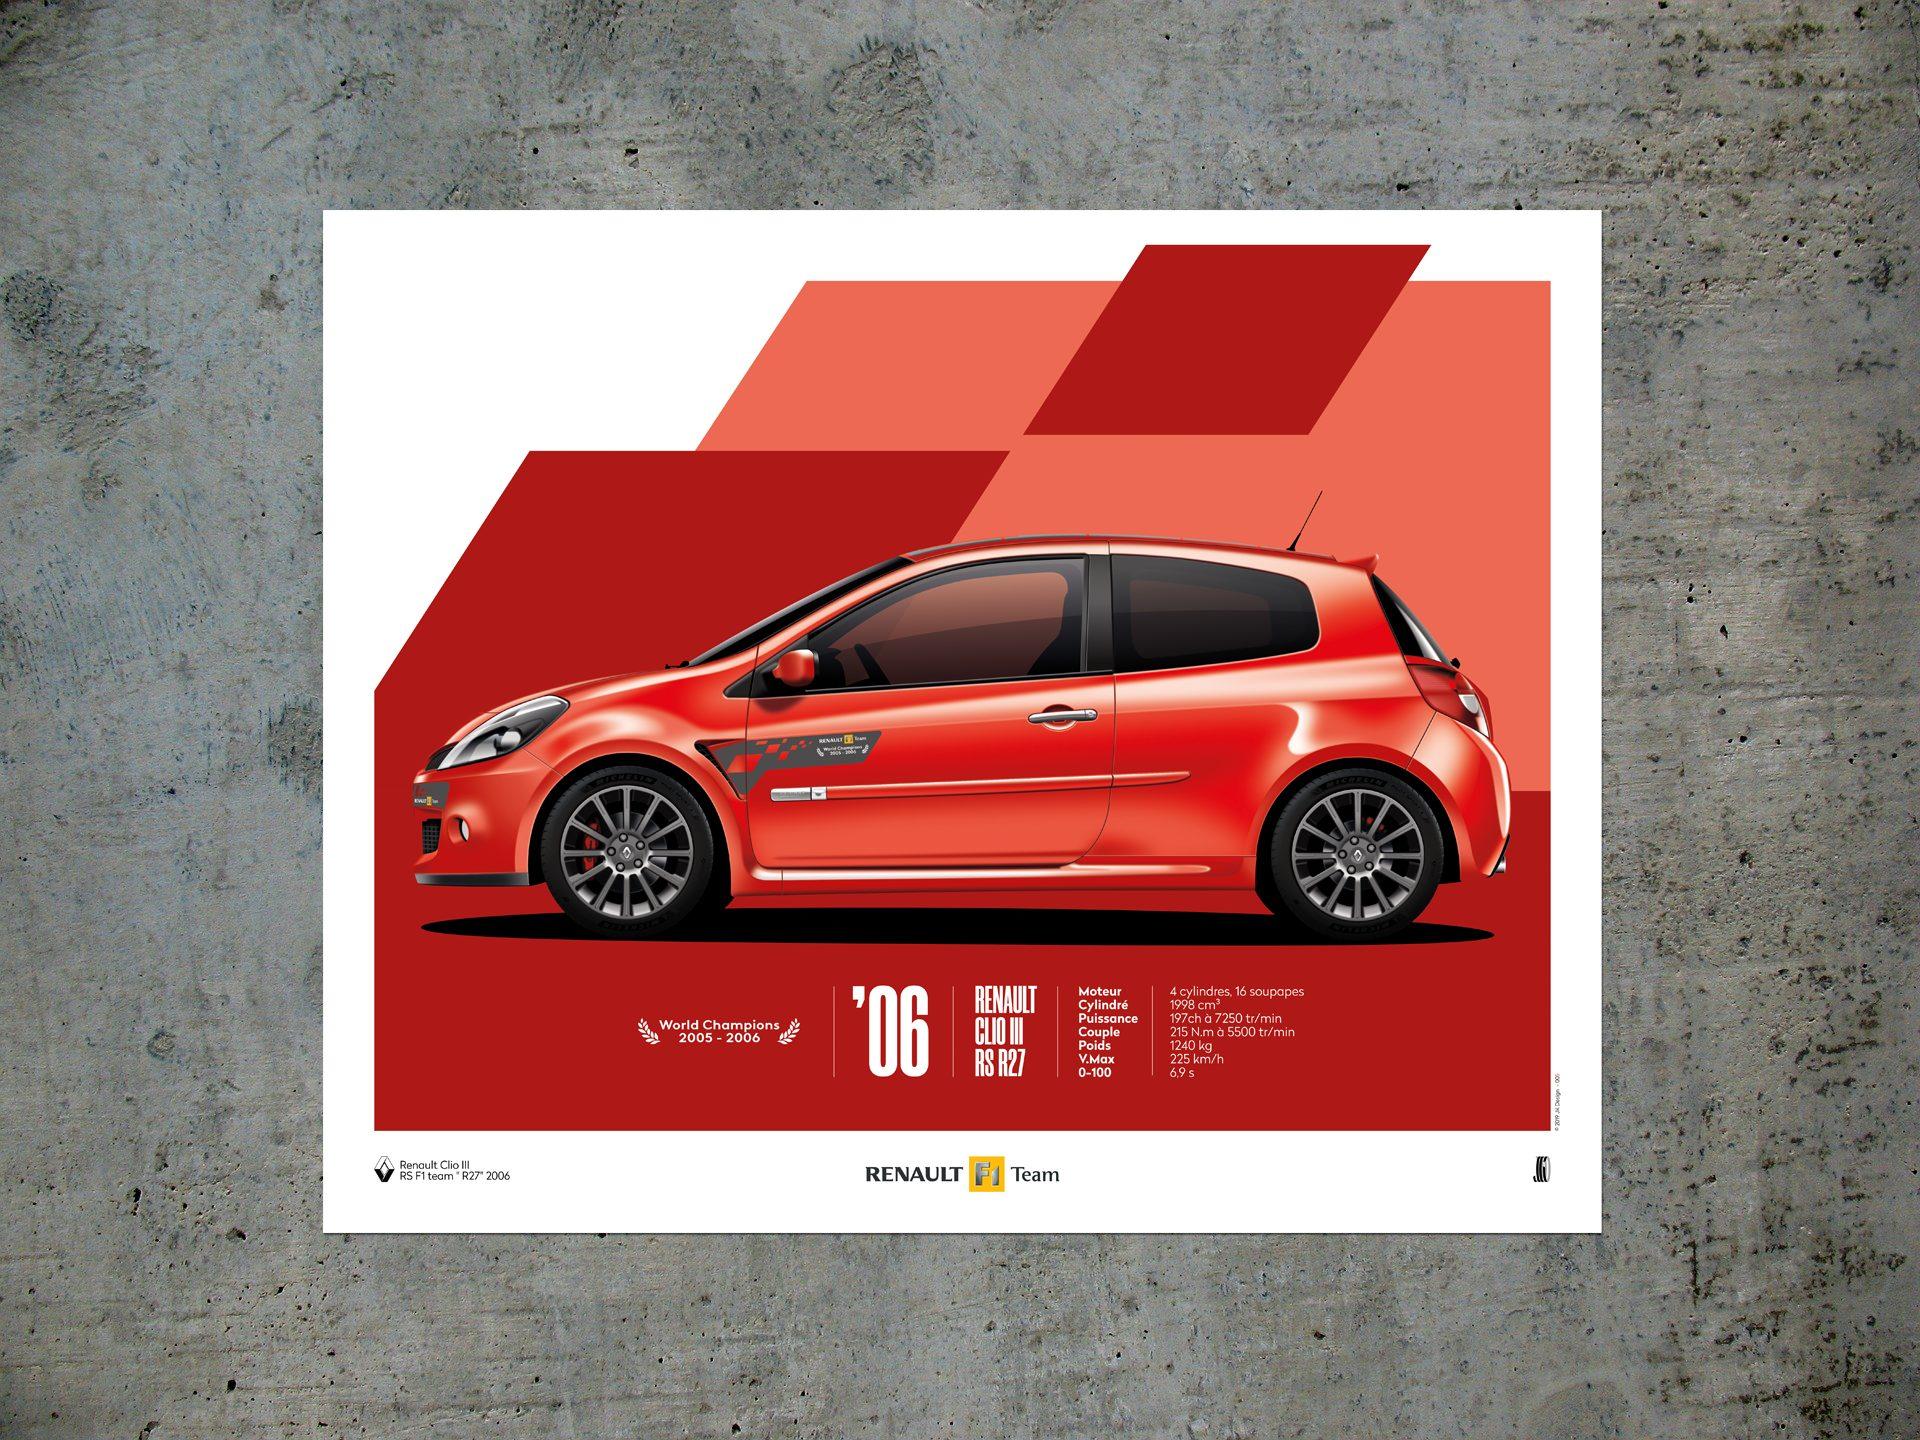 Jk Design - Clio 3 RS - 02